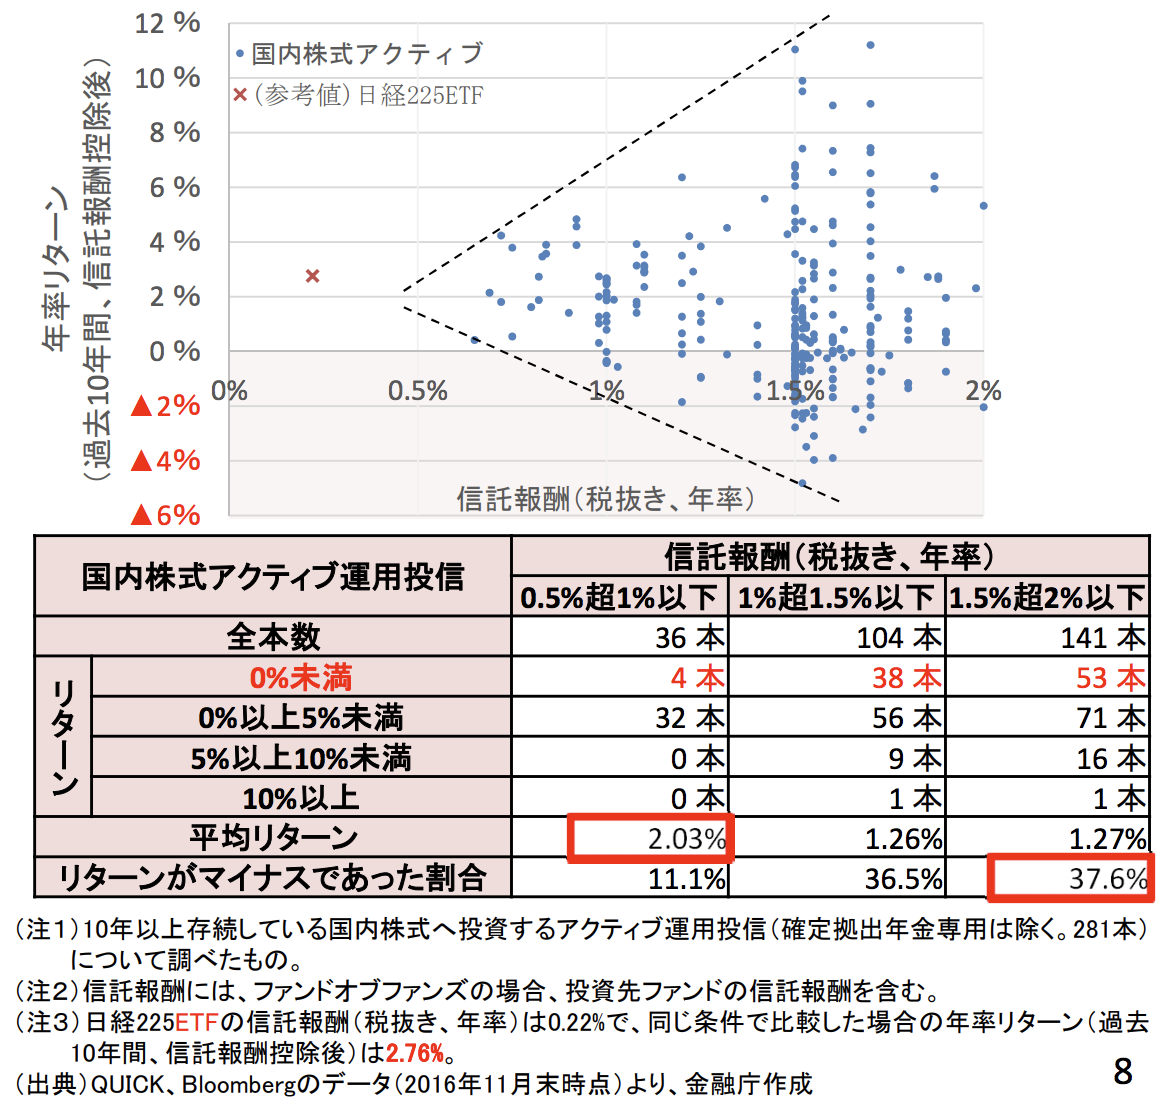 「日本の国内株式アクティブ運用投信の信託報酬とリターン」